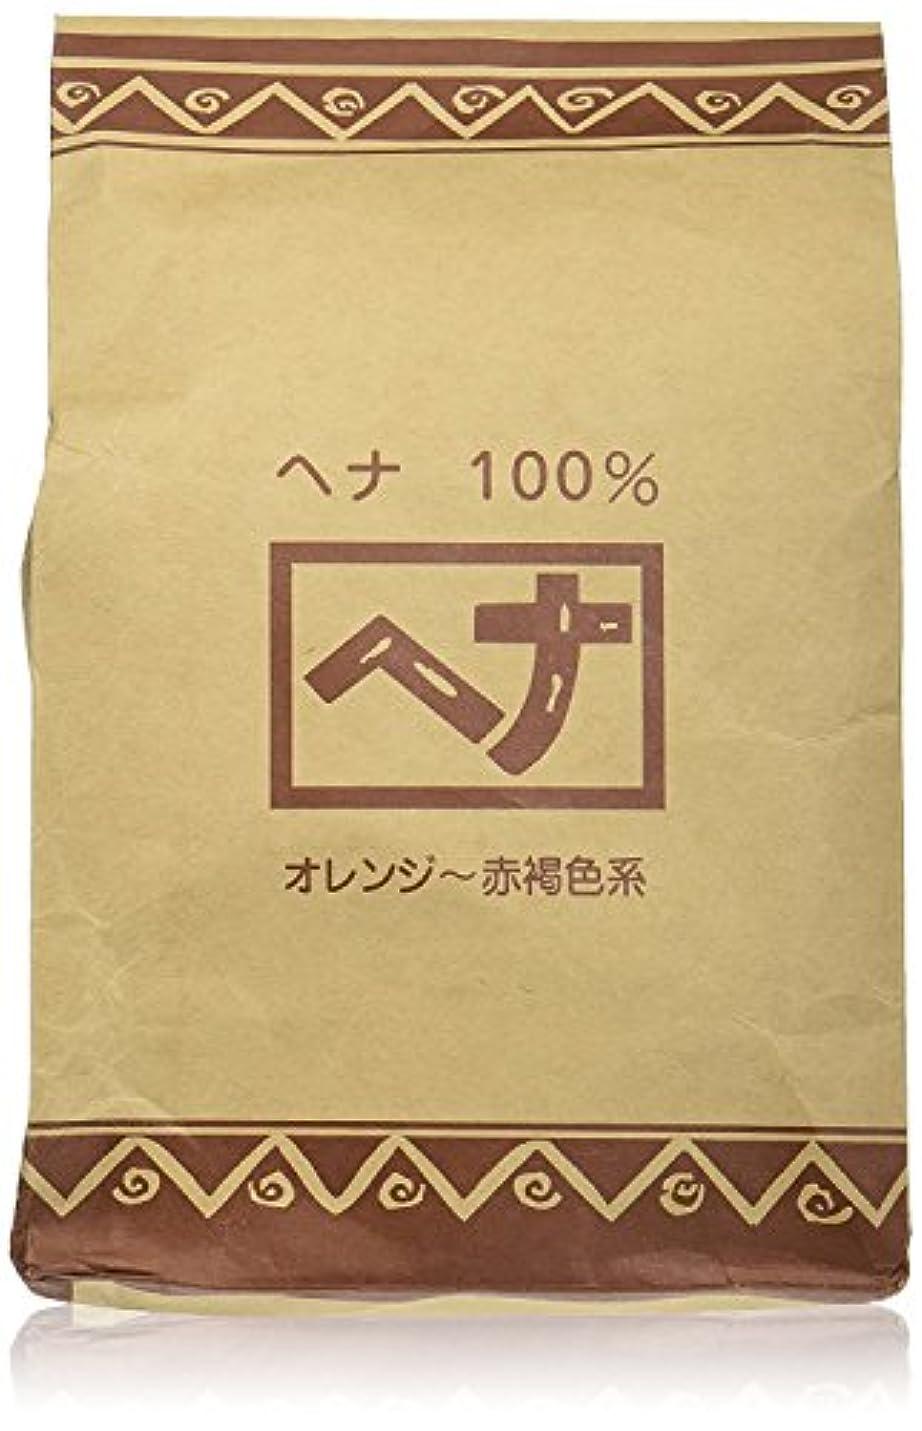 劣る足音チャップNaiad(ナイアード) お徳用 ヘナ100% 100g×4